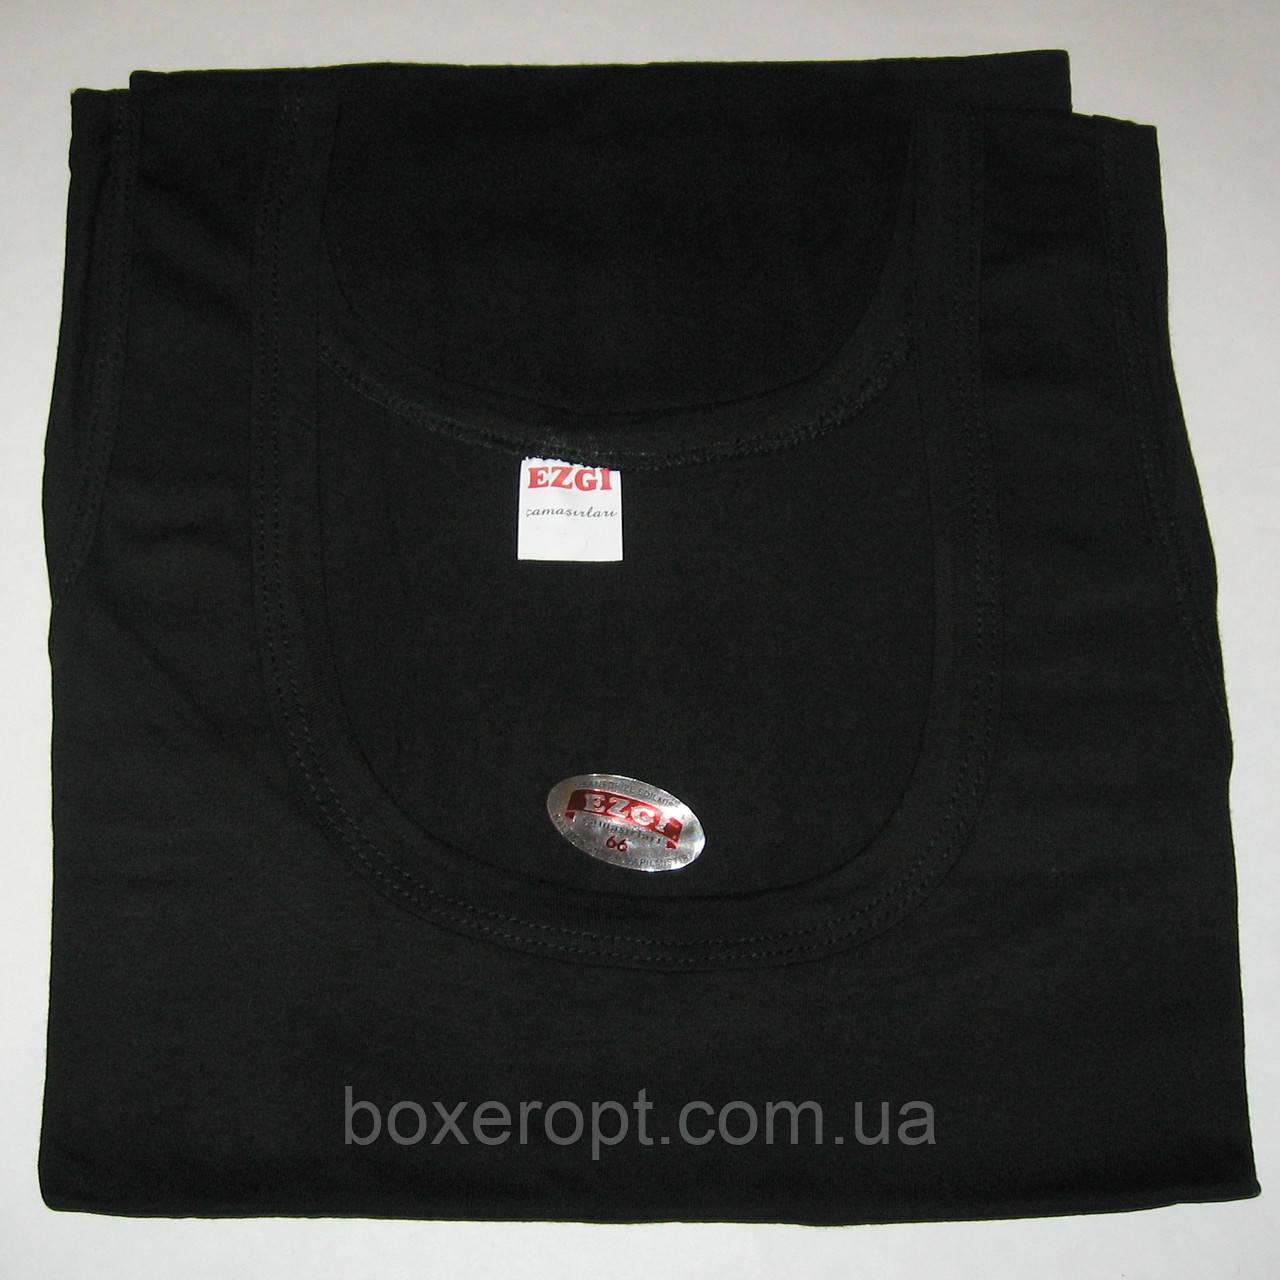 Мужские майки Ezgi - 31.00 грн./шт. (54-й размер, черные), фото 1